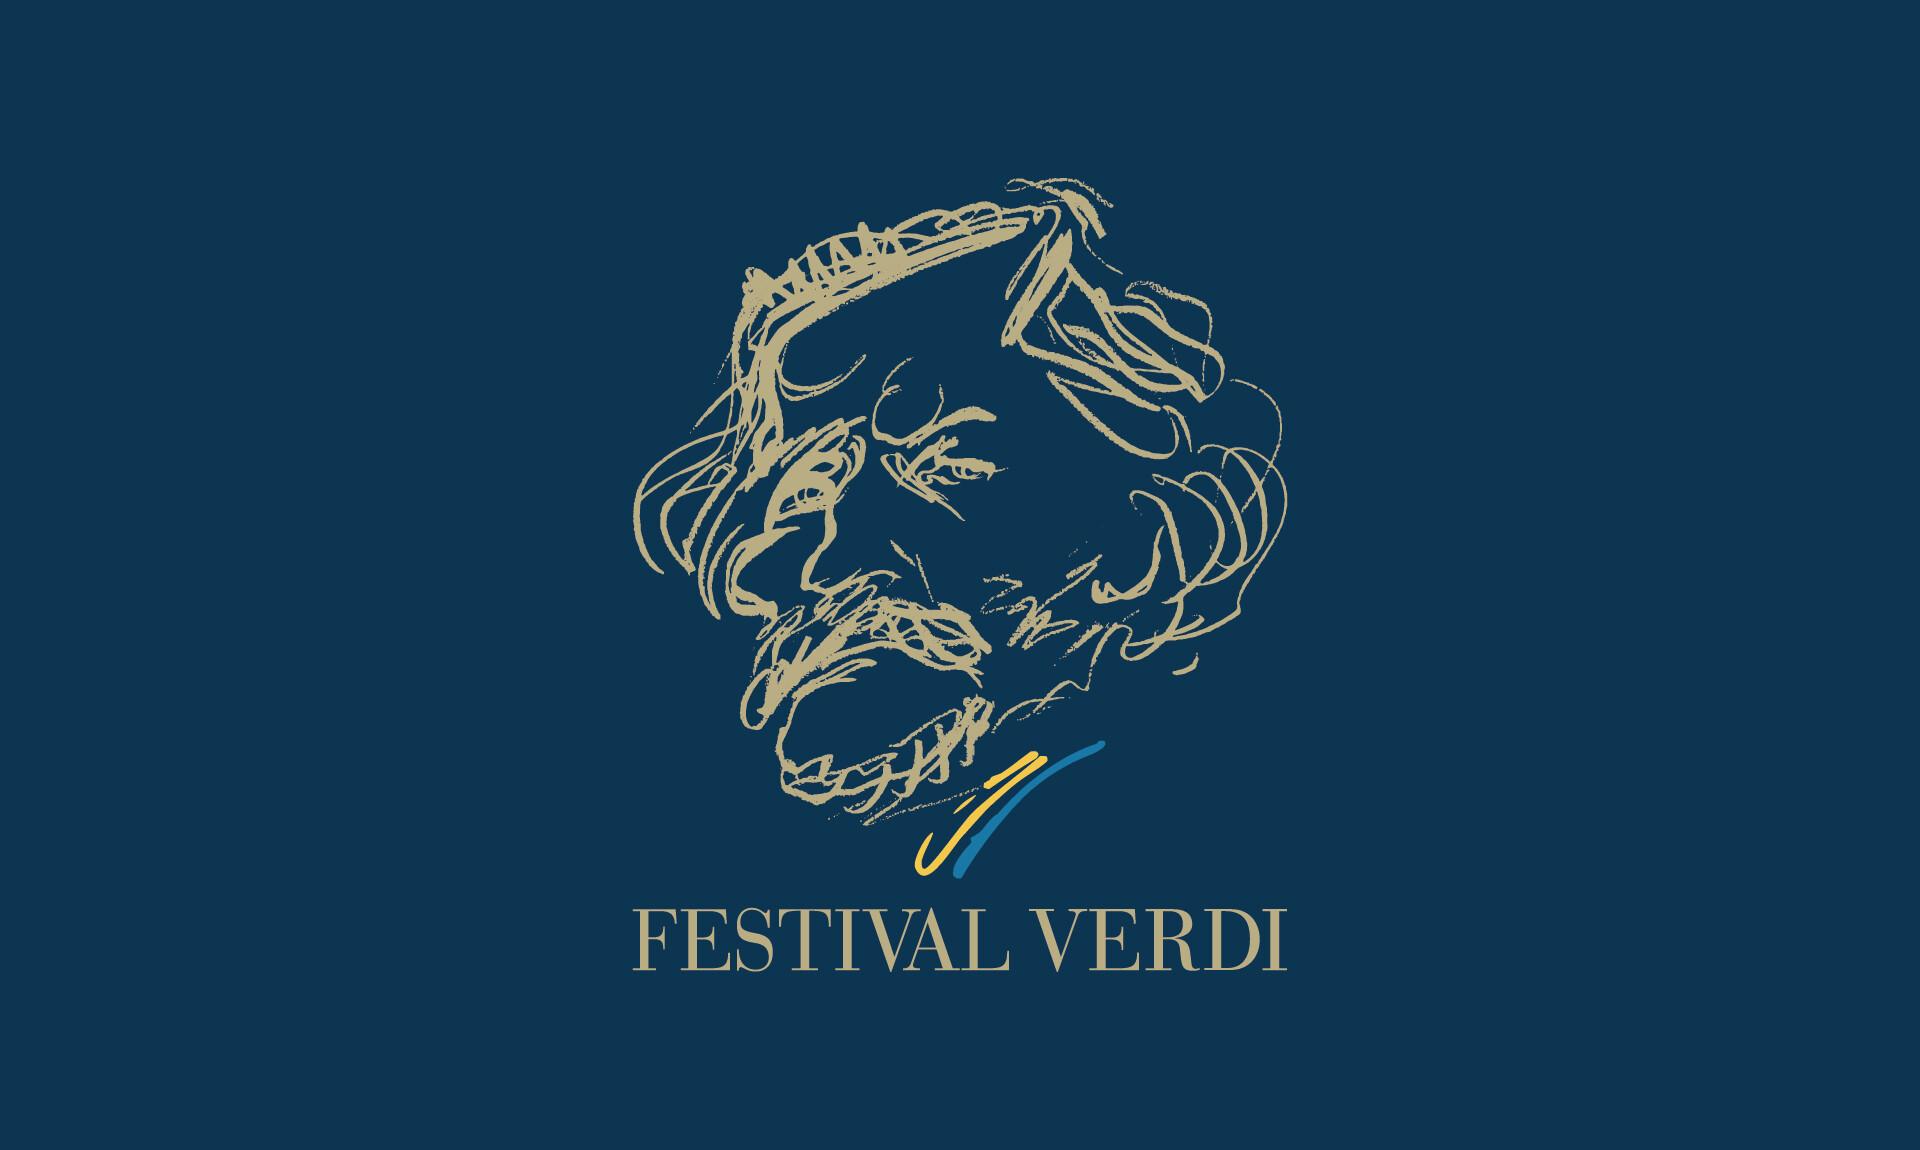 """XX FESTIVAL VERDI  """"SCINTILLE D'OPERA""""  Parma e Busseto, 11 settembre - 10 ottobre 2020"""